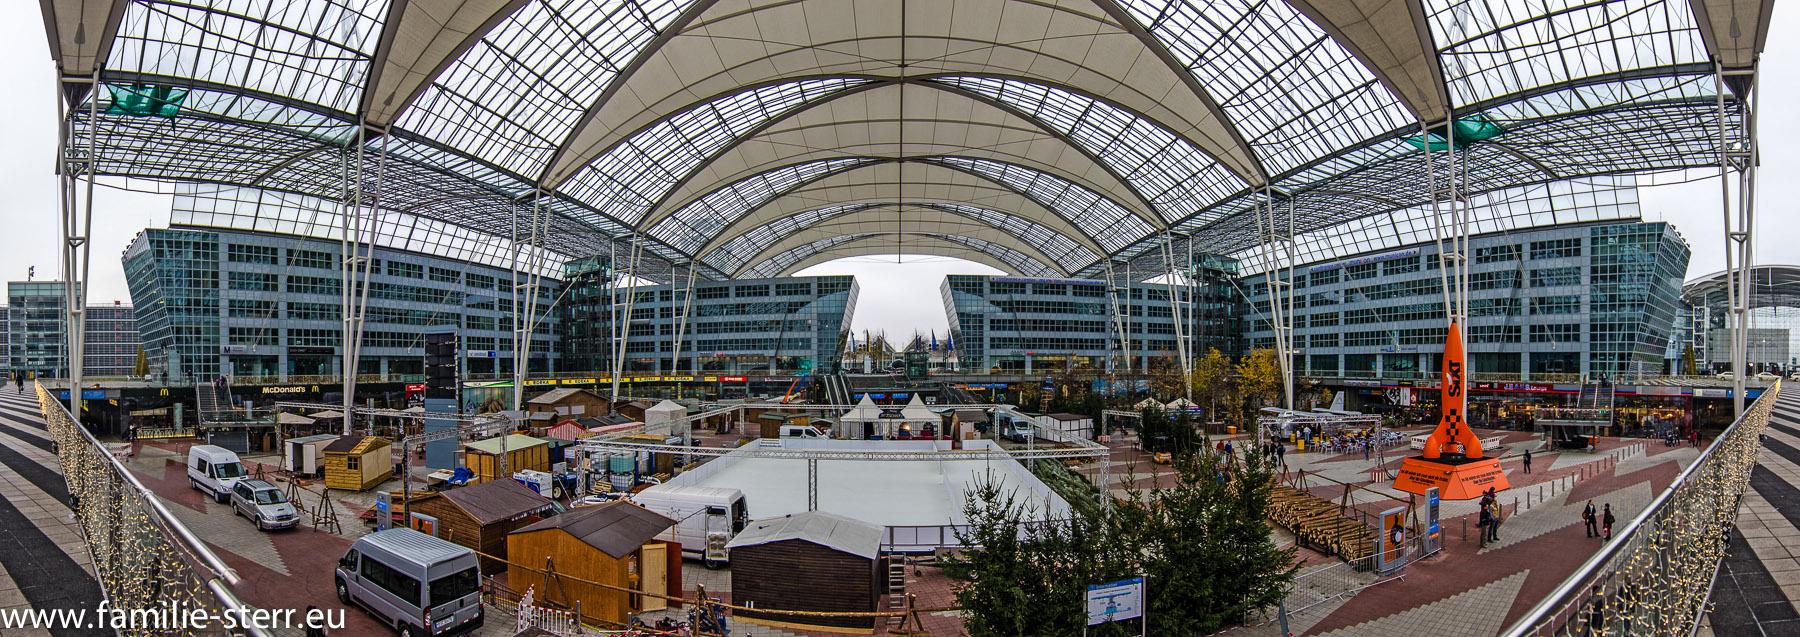 munich airport center vorbereitungen weihnachtsmarkt familie sterr. Black Bedroom Furniture Sets. Home Design Ideas